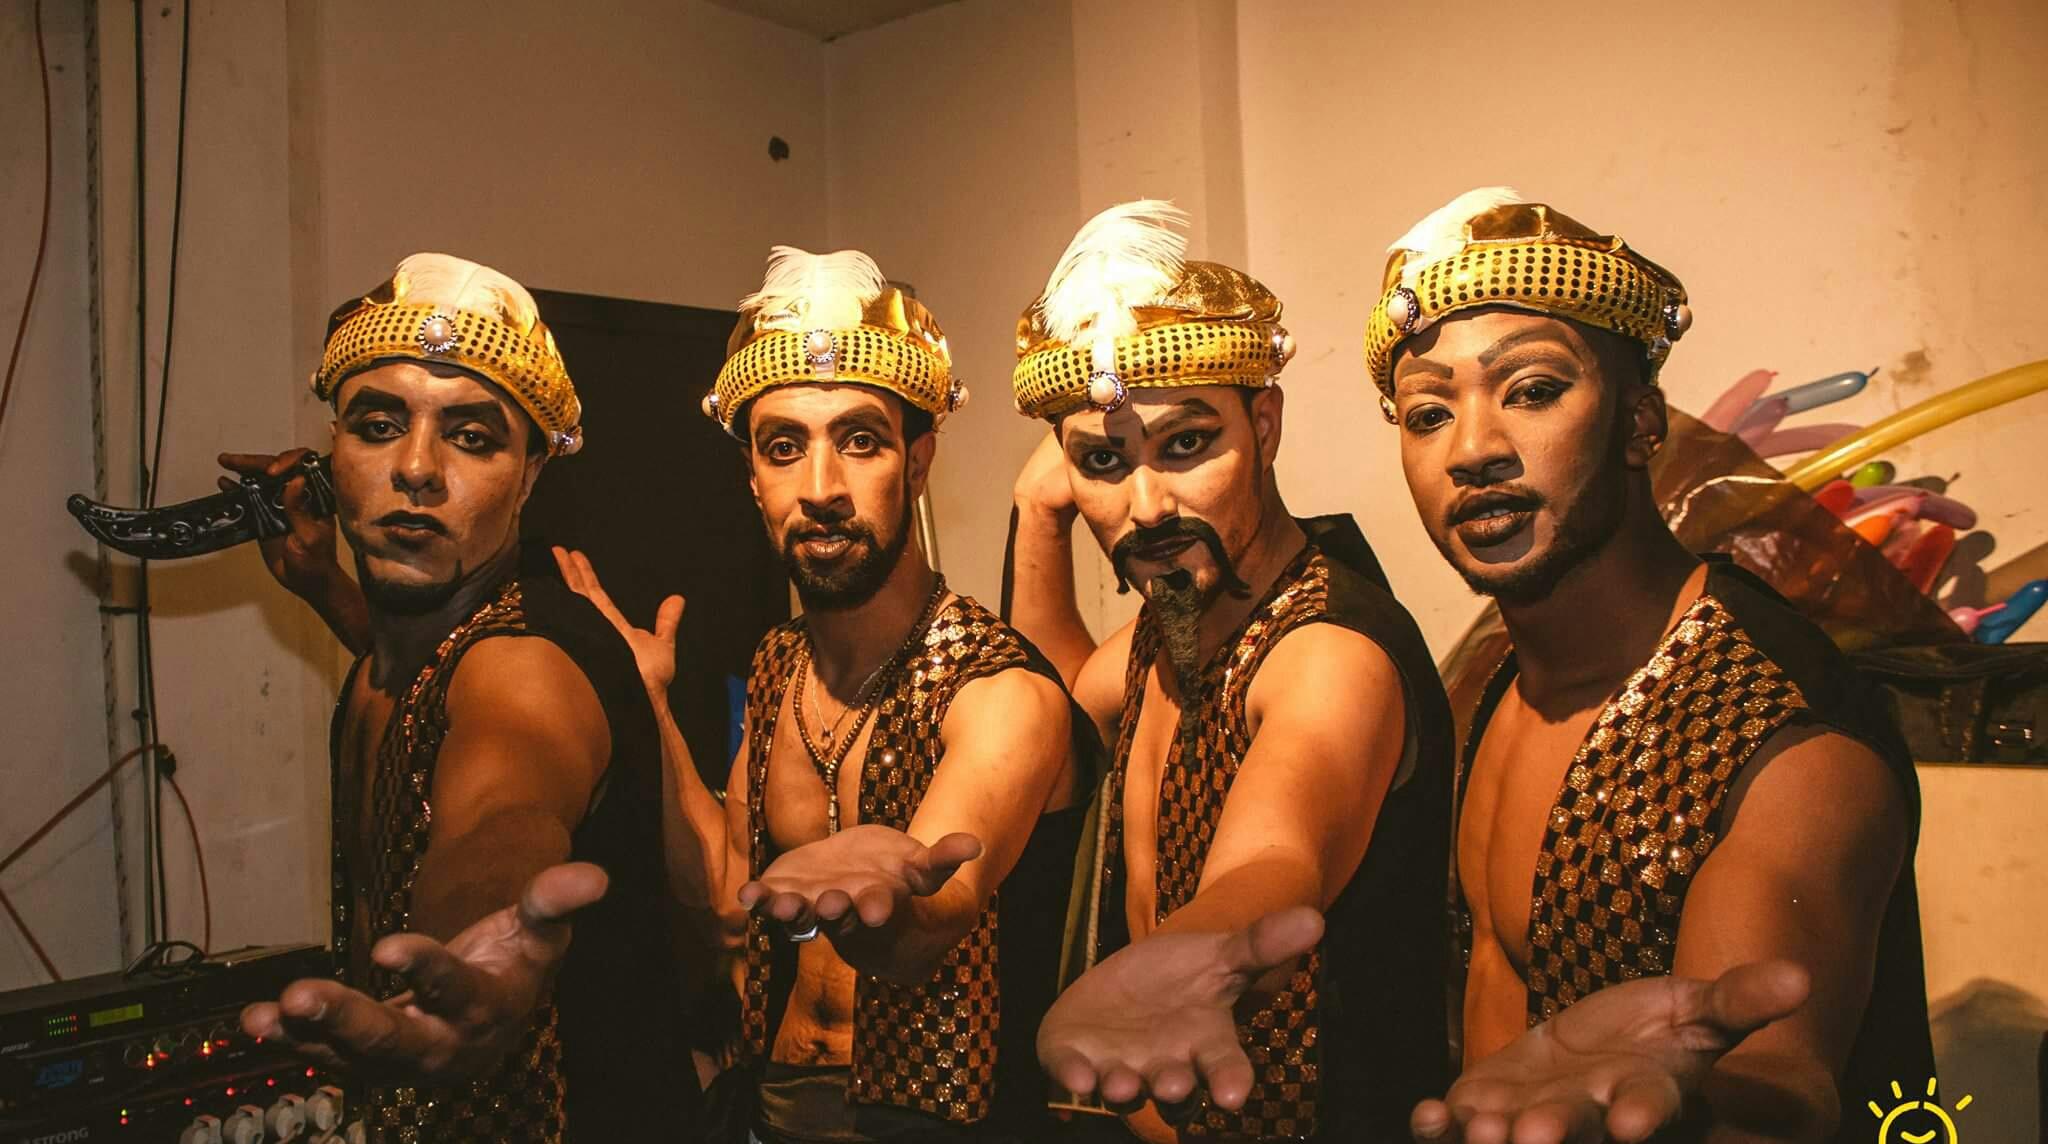 فرق مغربية تحيي شوارع الرباط بعروض موسيقية وبهلوانية خلال مهرجان موازين